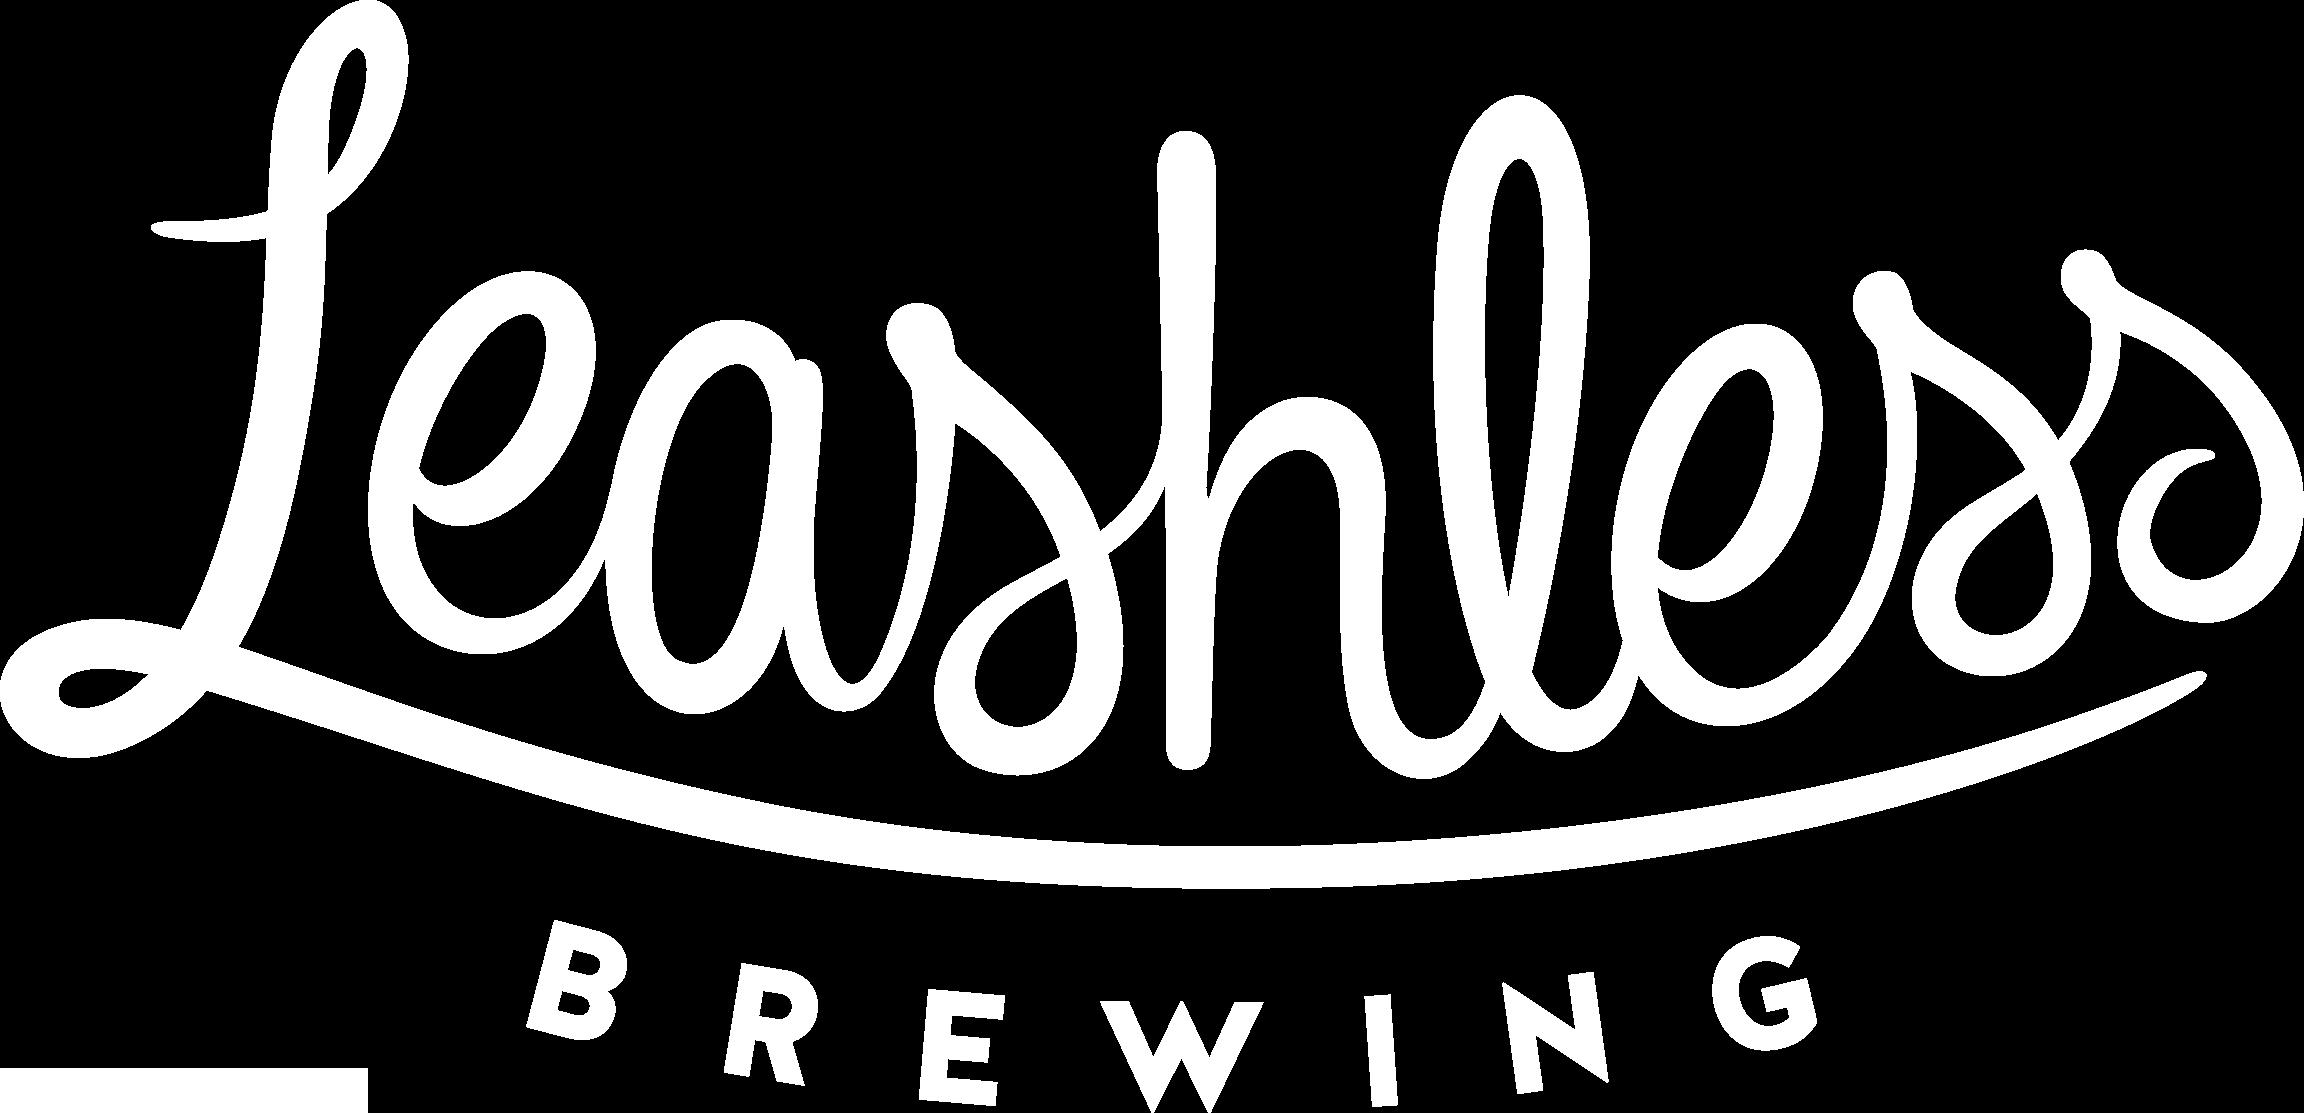 Leashless Brewing - script logo in white